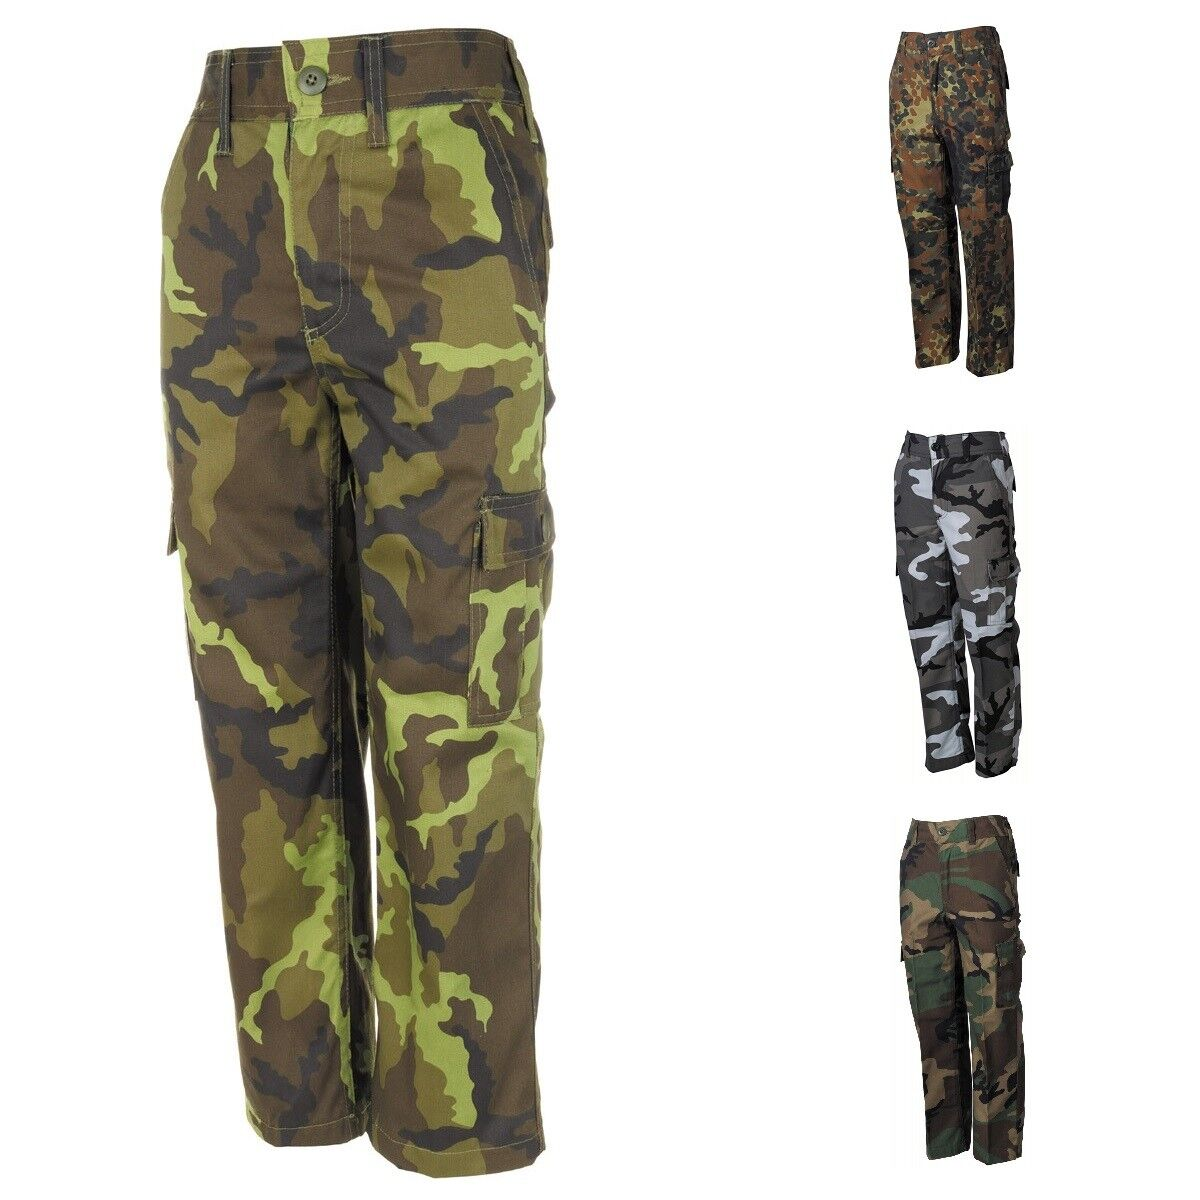 Hose Kinder Feldhose Mädchen Jungen camouflage Karnveal Fasching BW Bundeswehr